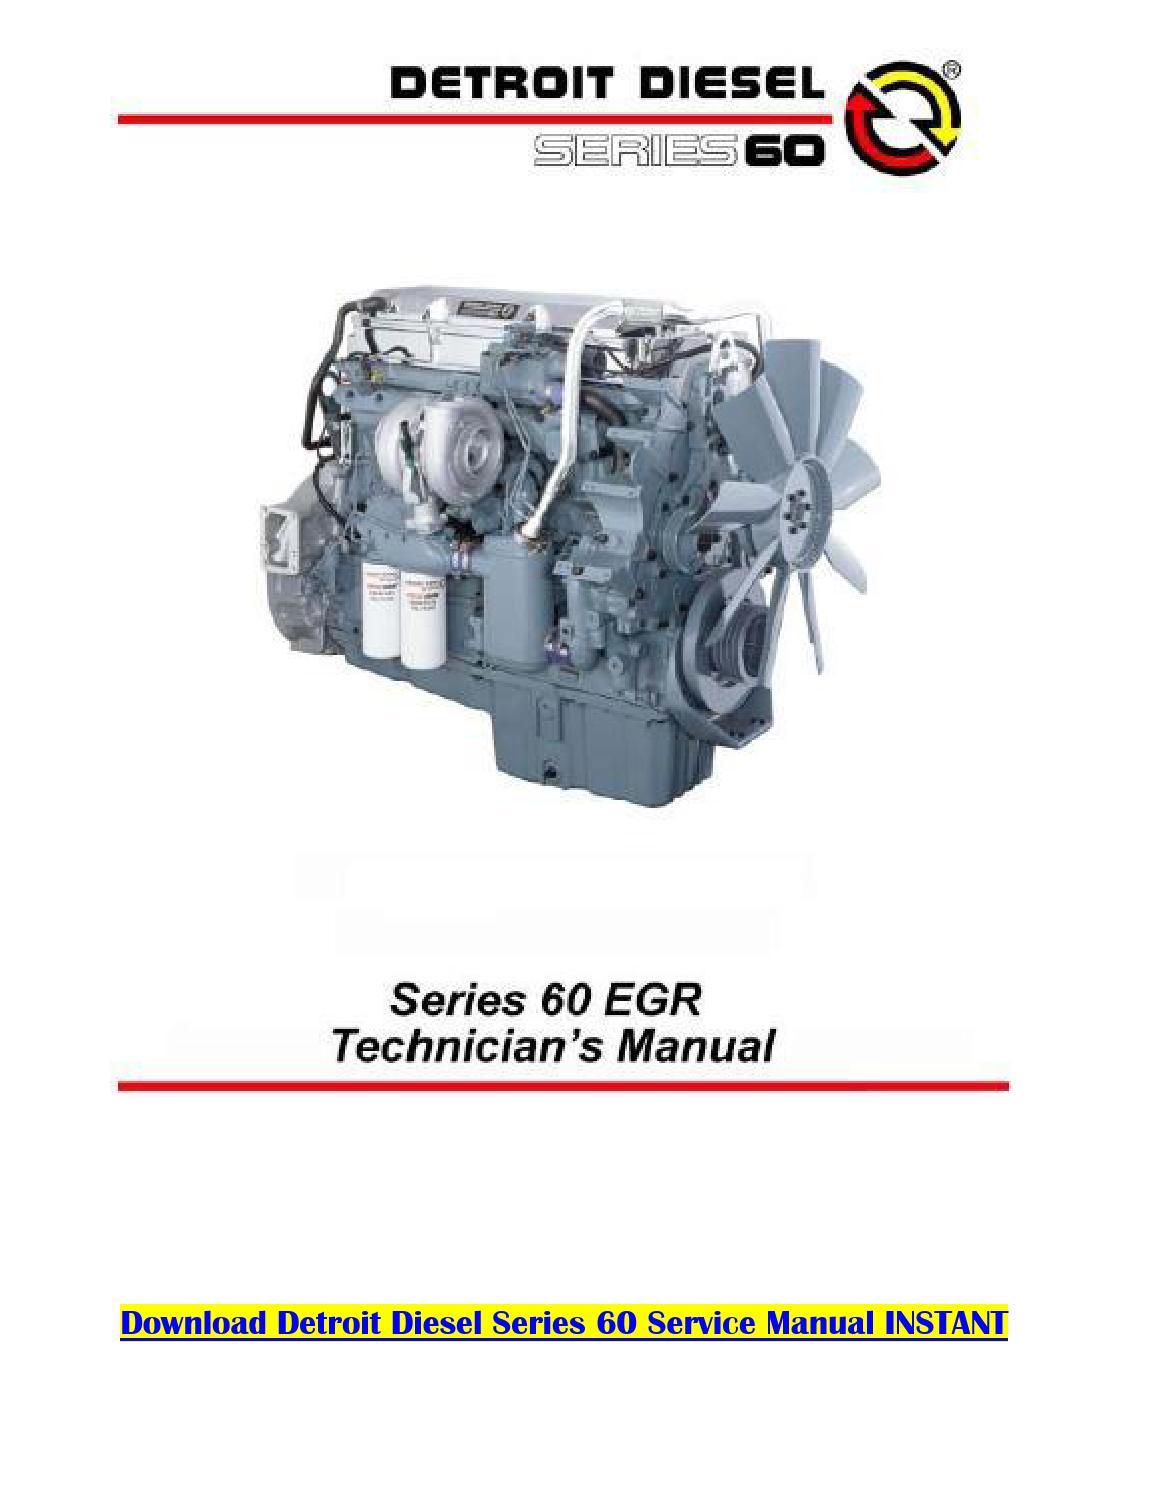 Detroit Diesel Series 60 Engine Diagram : detroit, diesel, series, engine, diagram, Detroit, Diesel, Series, Service, Manual, Karnakal, Issuu